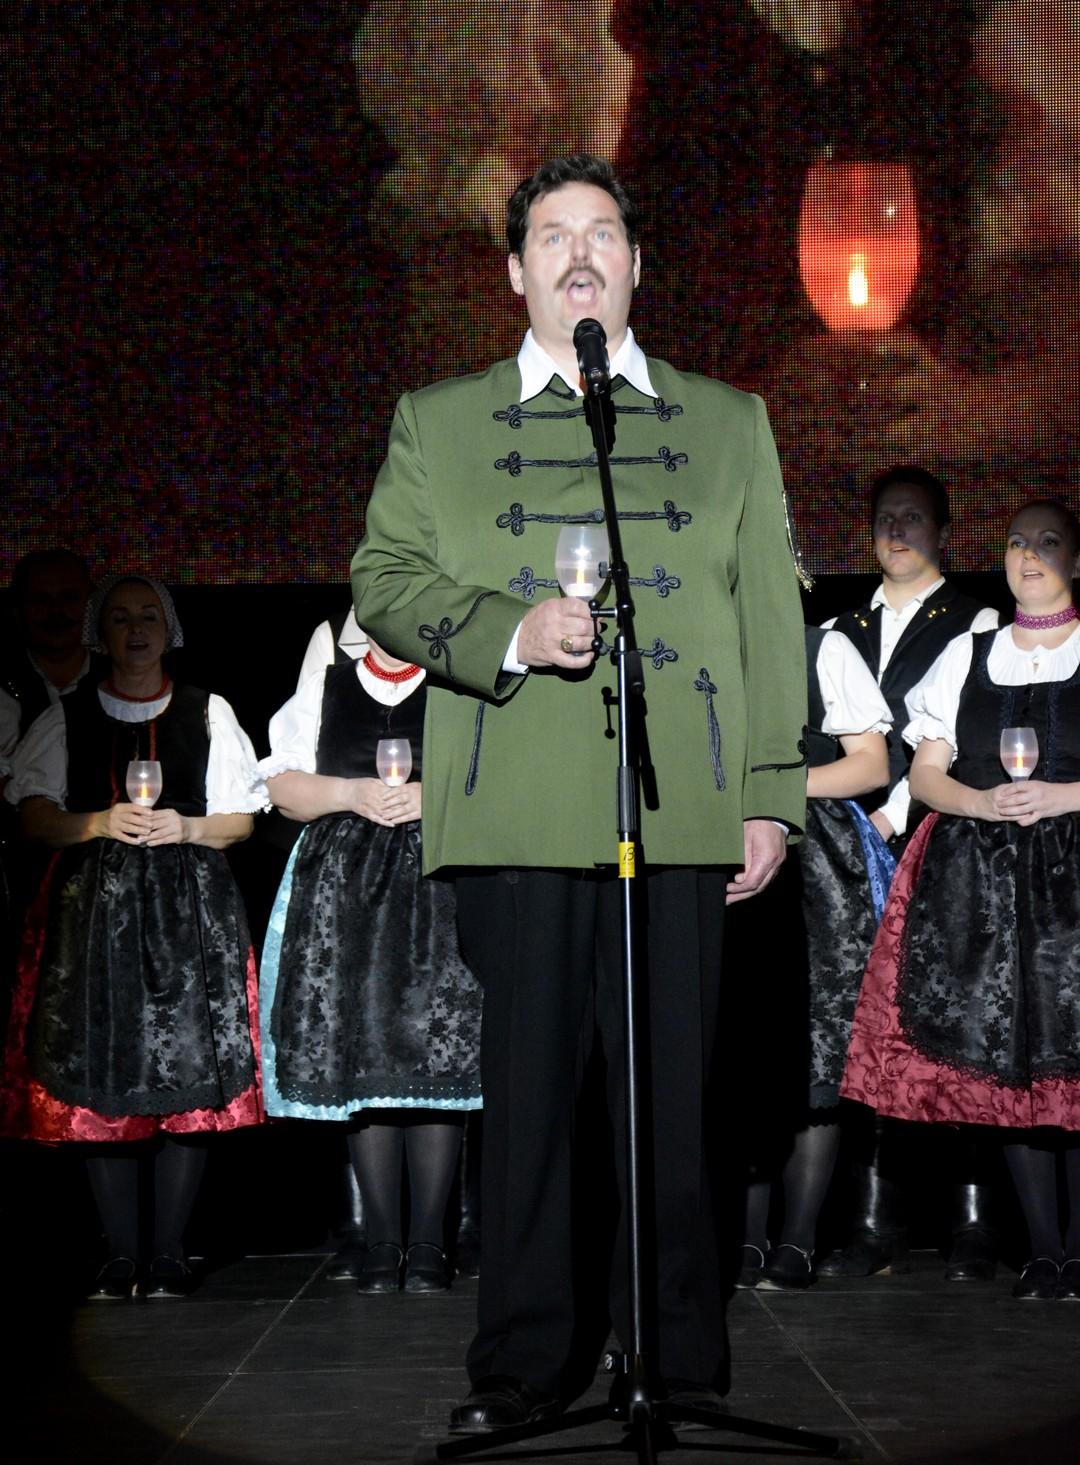 kétszáz éves jubileumi agrár-felsőoktatási ünnepség, Mosonmagyaróvár - Nagy István miniszter (4)